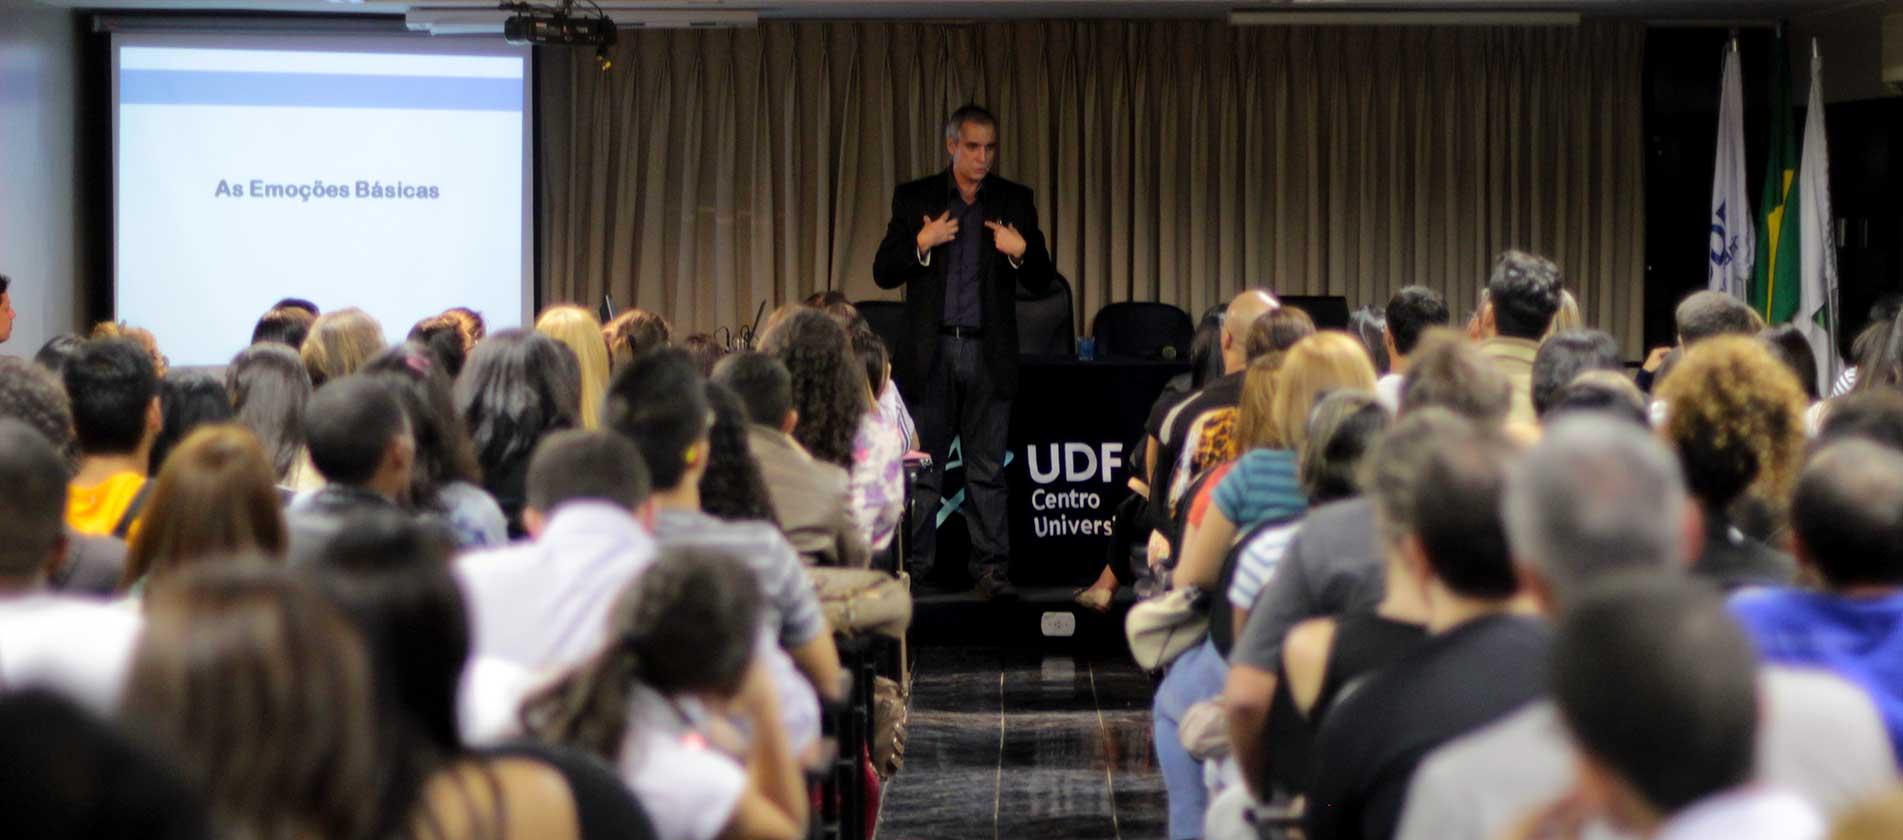 Palestra no Centro Universitário de Brasília